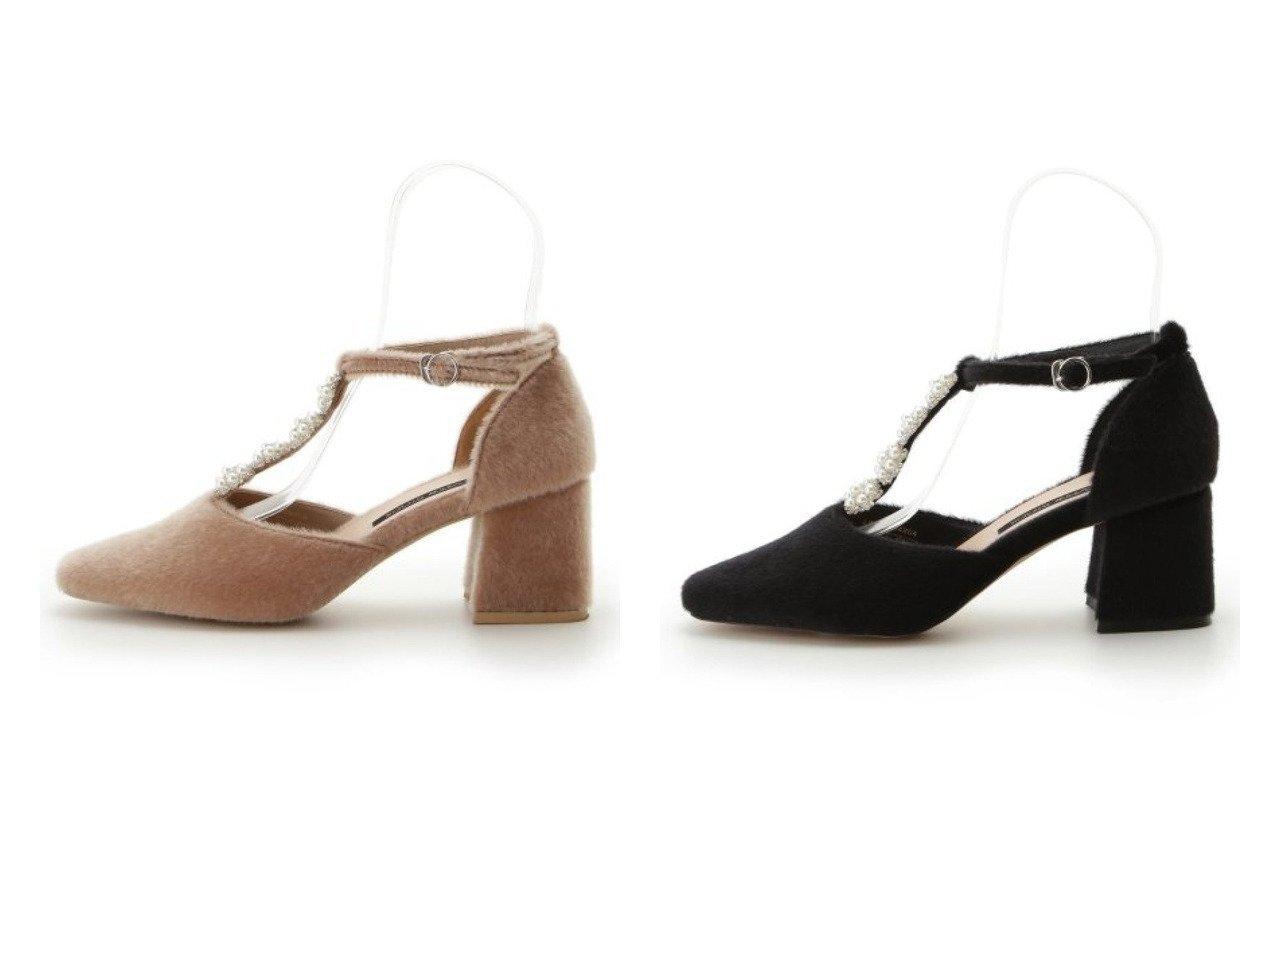 【Lily Brown/リリーブラウン】の[L.B CANDY STOCK]パールフラワーパンプス シューズ・靴のおすすめ!人気、トレンド・レディースファッションの通販  おすすめで人気の流行・トレンド、ファッションの通販商品 メンズファッション・キッズファッション・インテリア・家具・レディースファッション・服の通販 founy(ファニー) https://founy.com/ ファッション Fashion レディースファッション WOMEN エレガント シューズ ジュエリー ストラップパンプス ドレス パール ビジュー フォルム フラワー A/W 秋冬 AW Autumn/Winter / FW Fall-Winter  ID:crp329100000009849